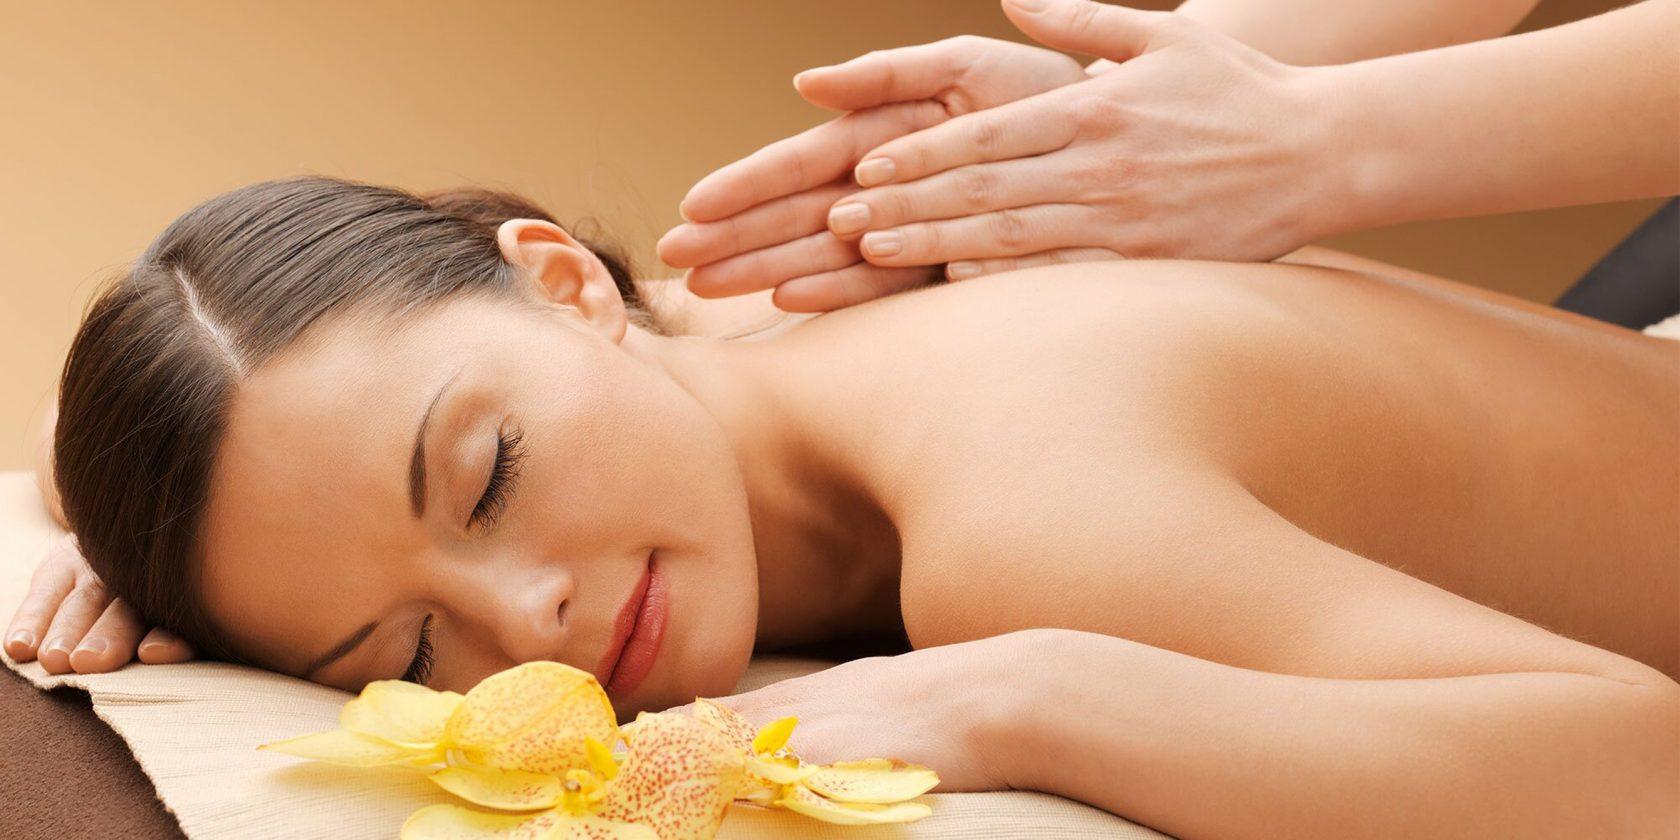 klasická aróma masáž, raželinový zábal, hotel tenis, city resort zvolen